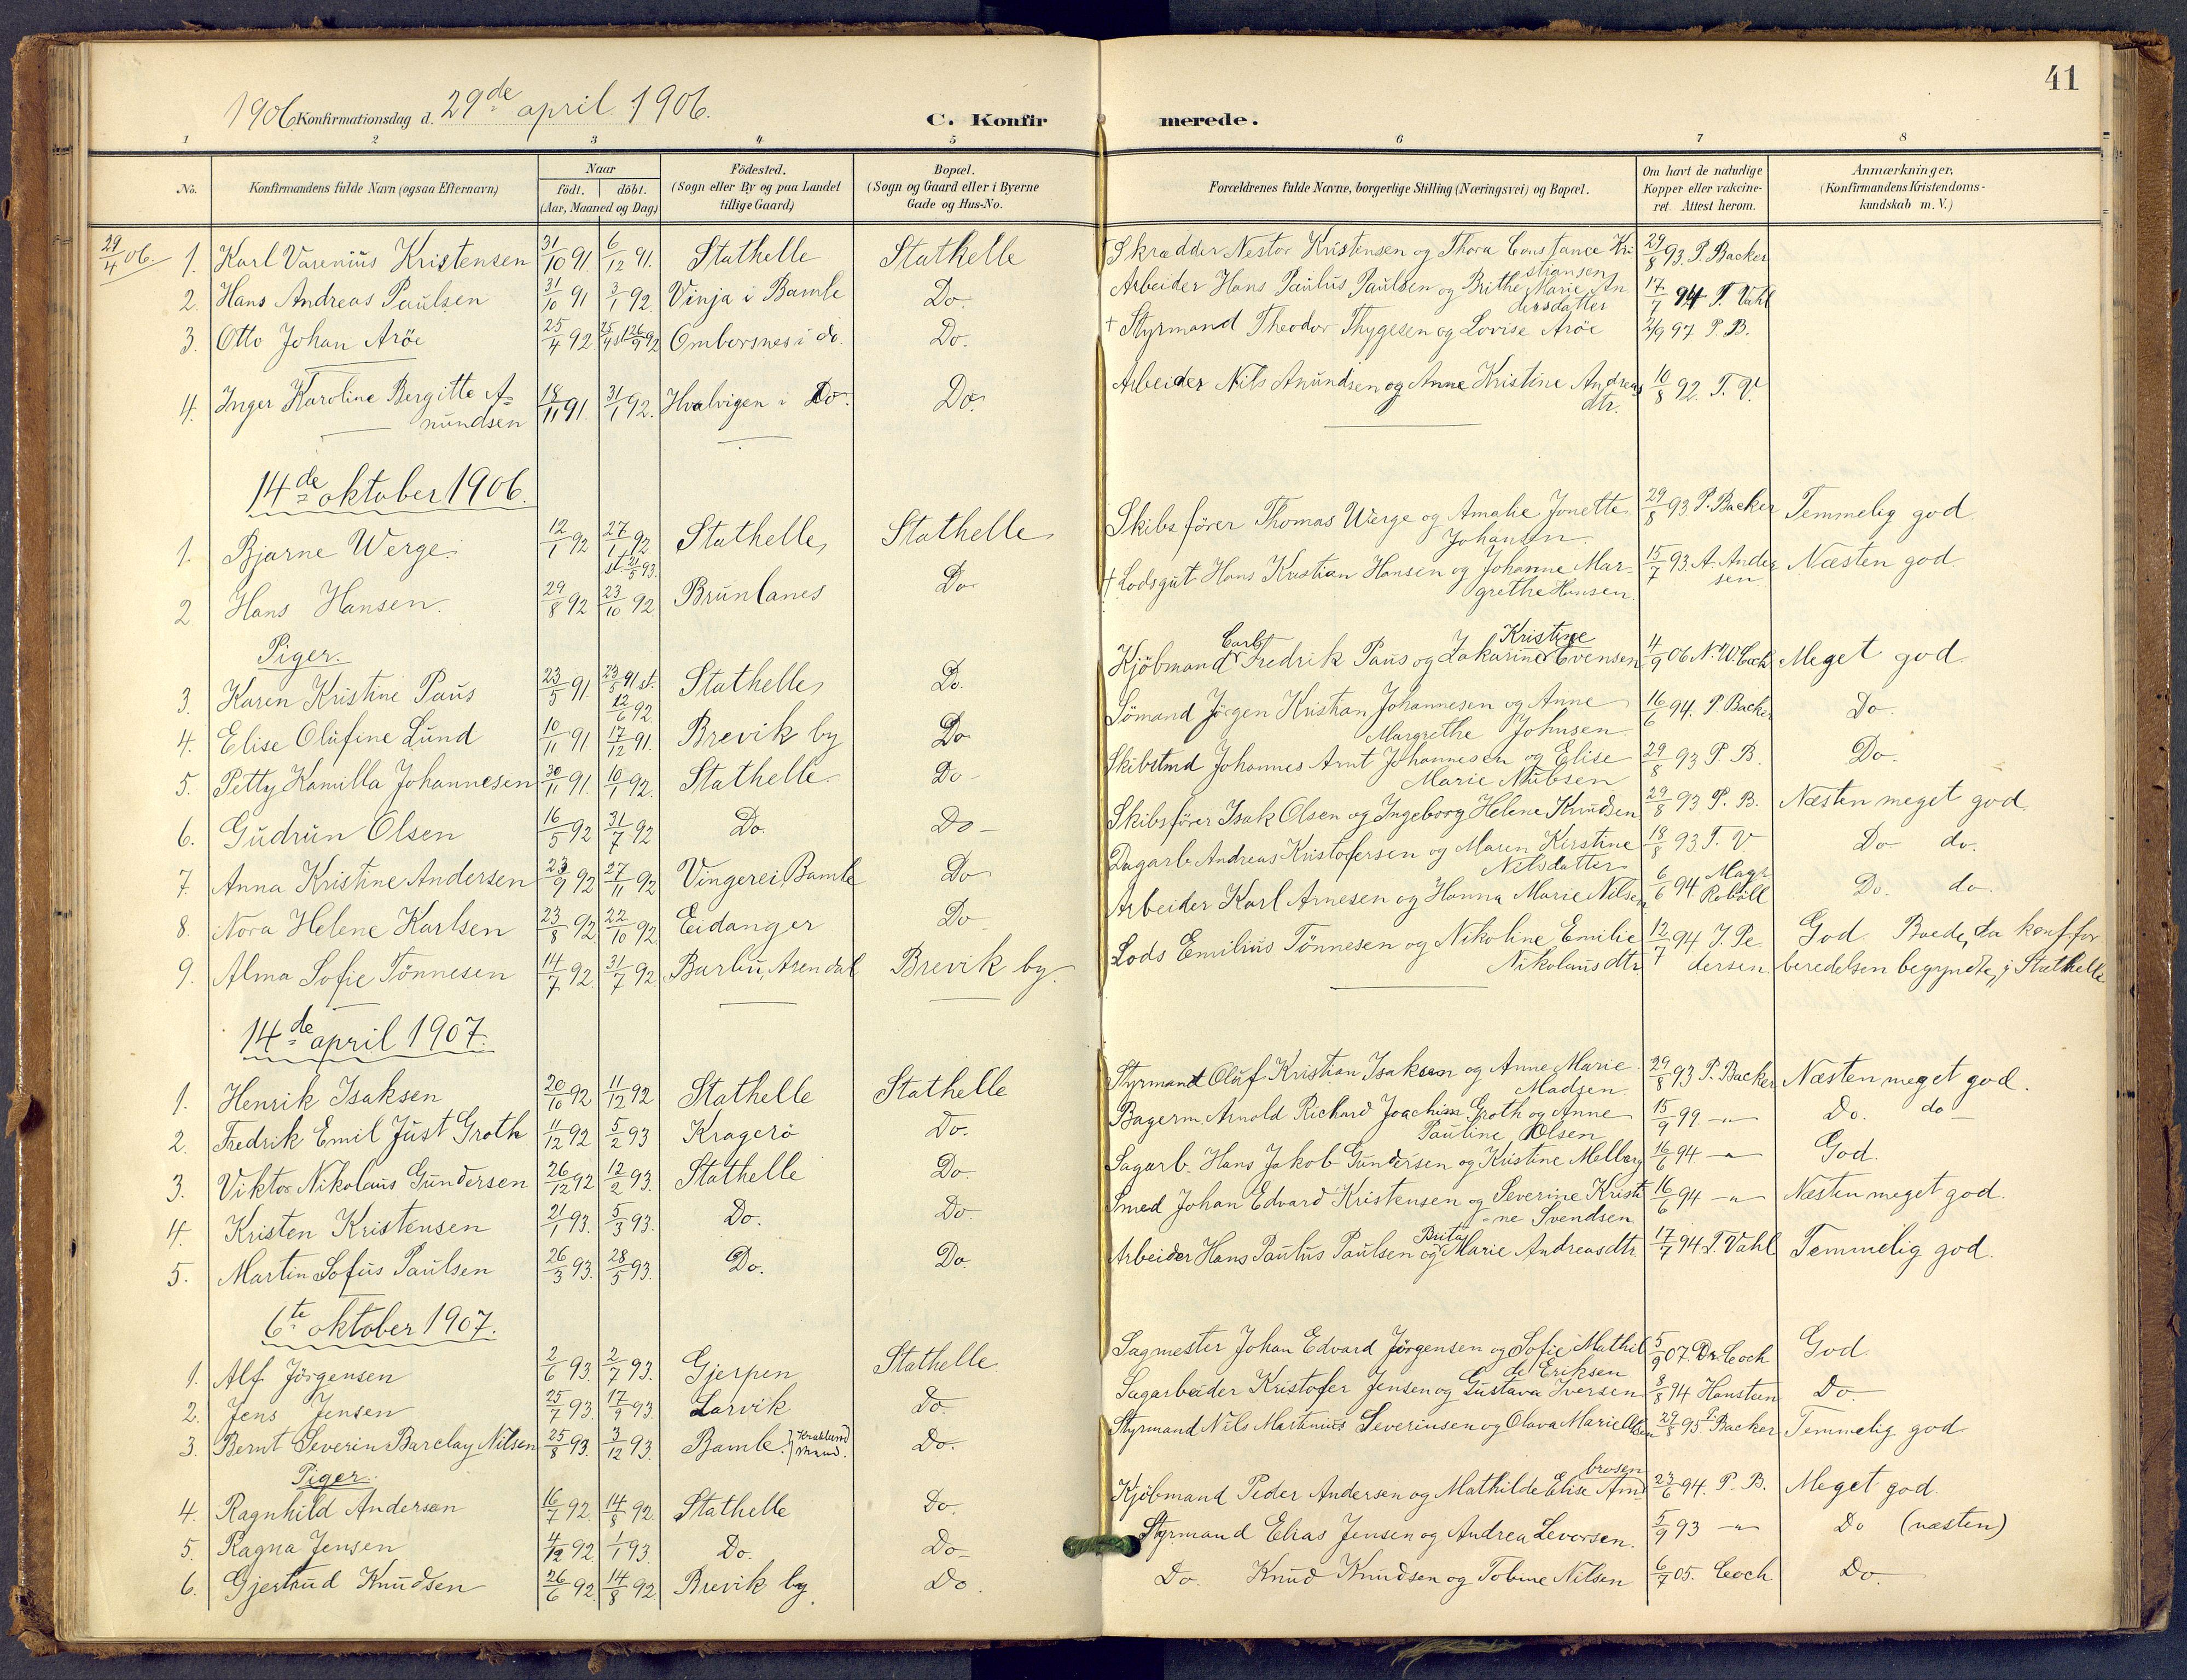 SAKO, Bamble kirkebøker, F/Fb/L0002: Ministerialbok nr. II 2, 1900-1921, s. 41